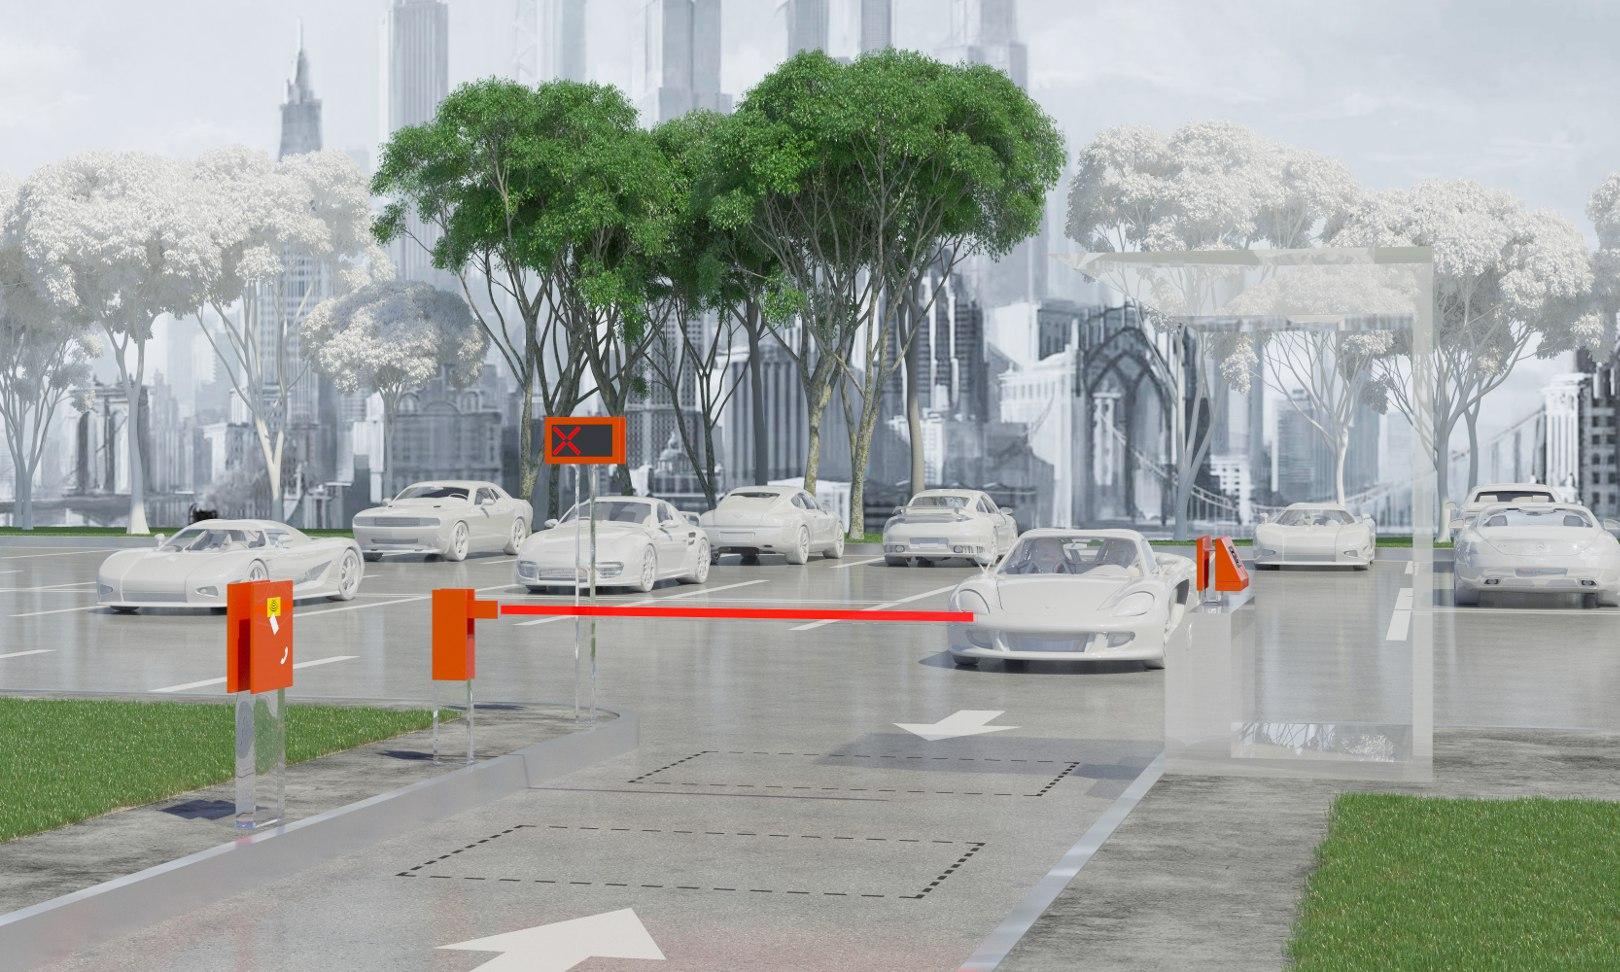 Автоматизация парковок на примере реверсивного въезда-выезда с въездной стойкой